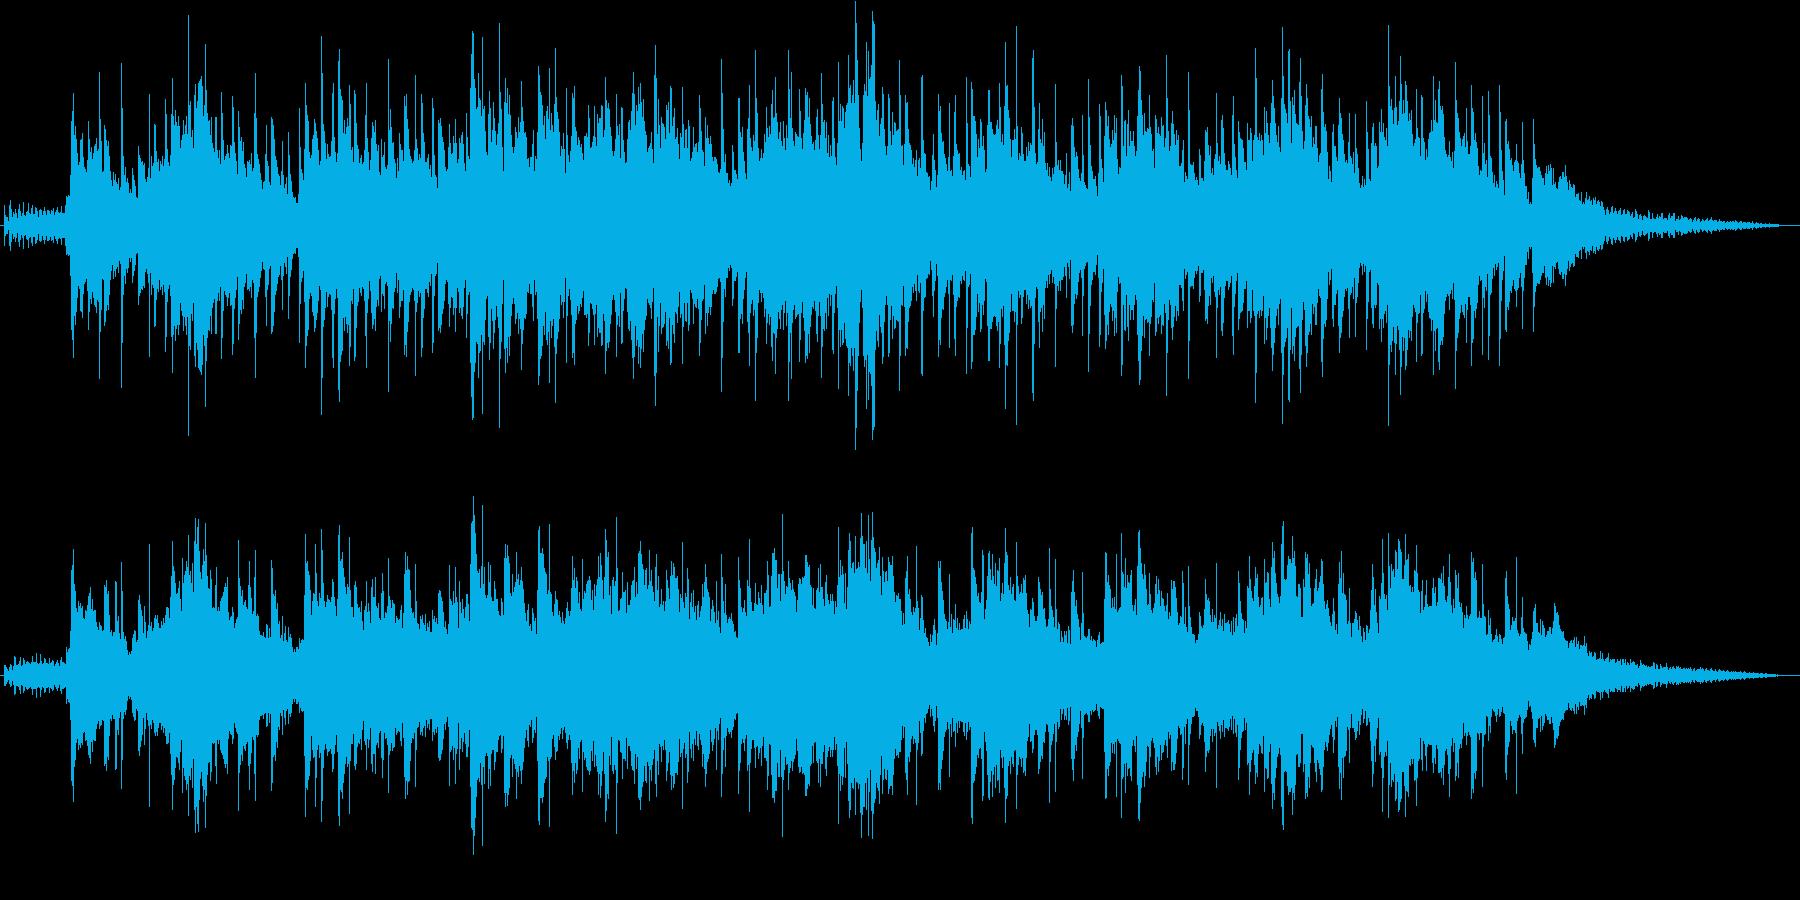 エレピとパーカッションの心地よいヴァイブの再生済みの波形